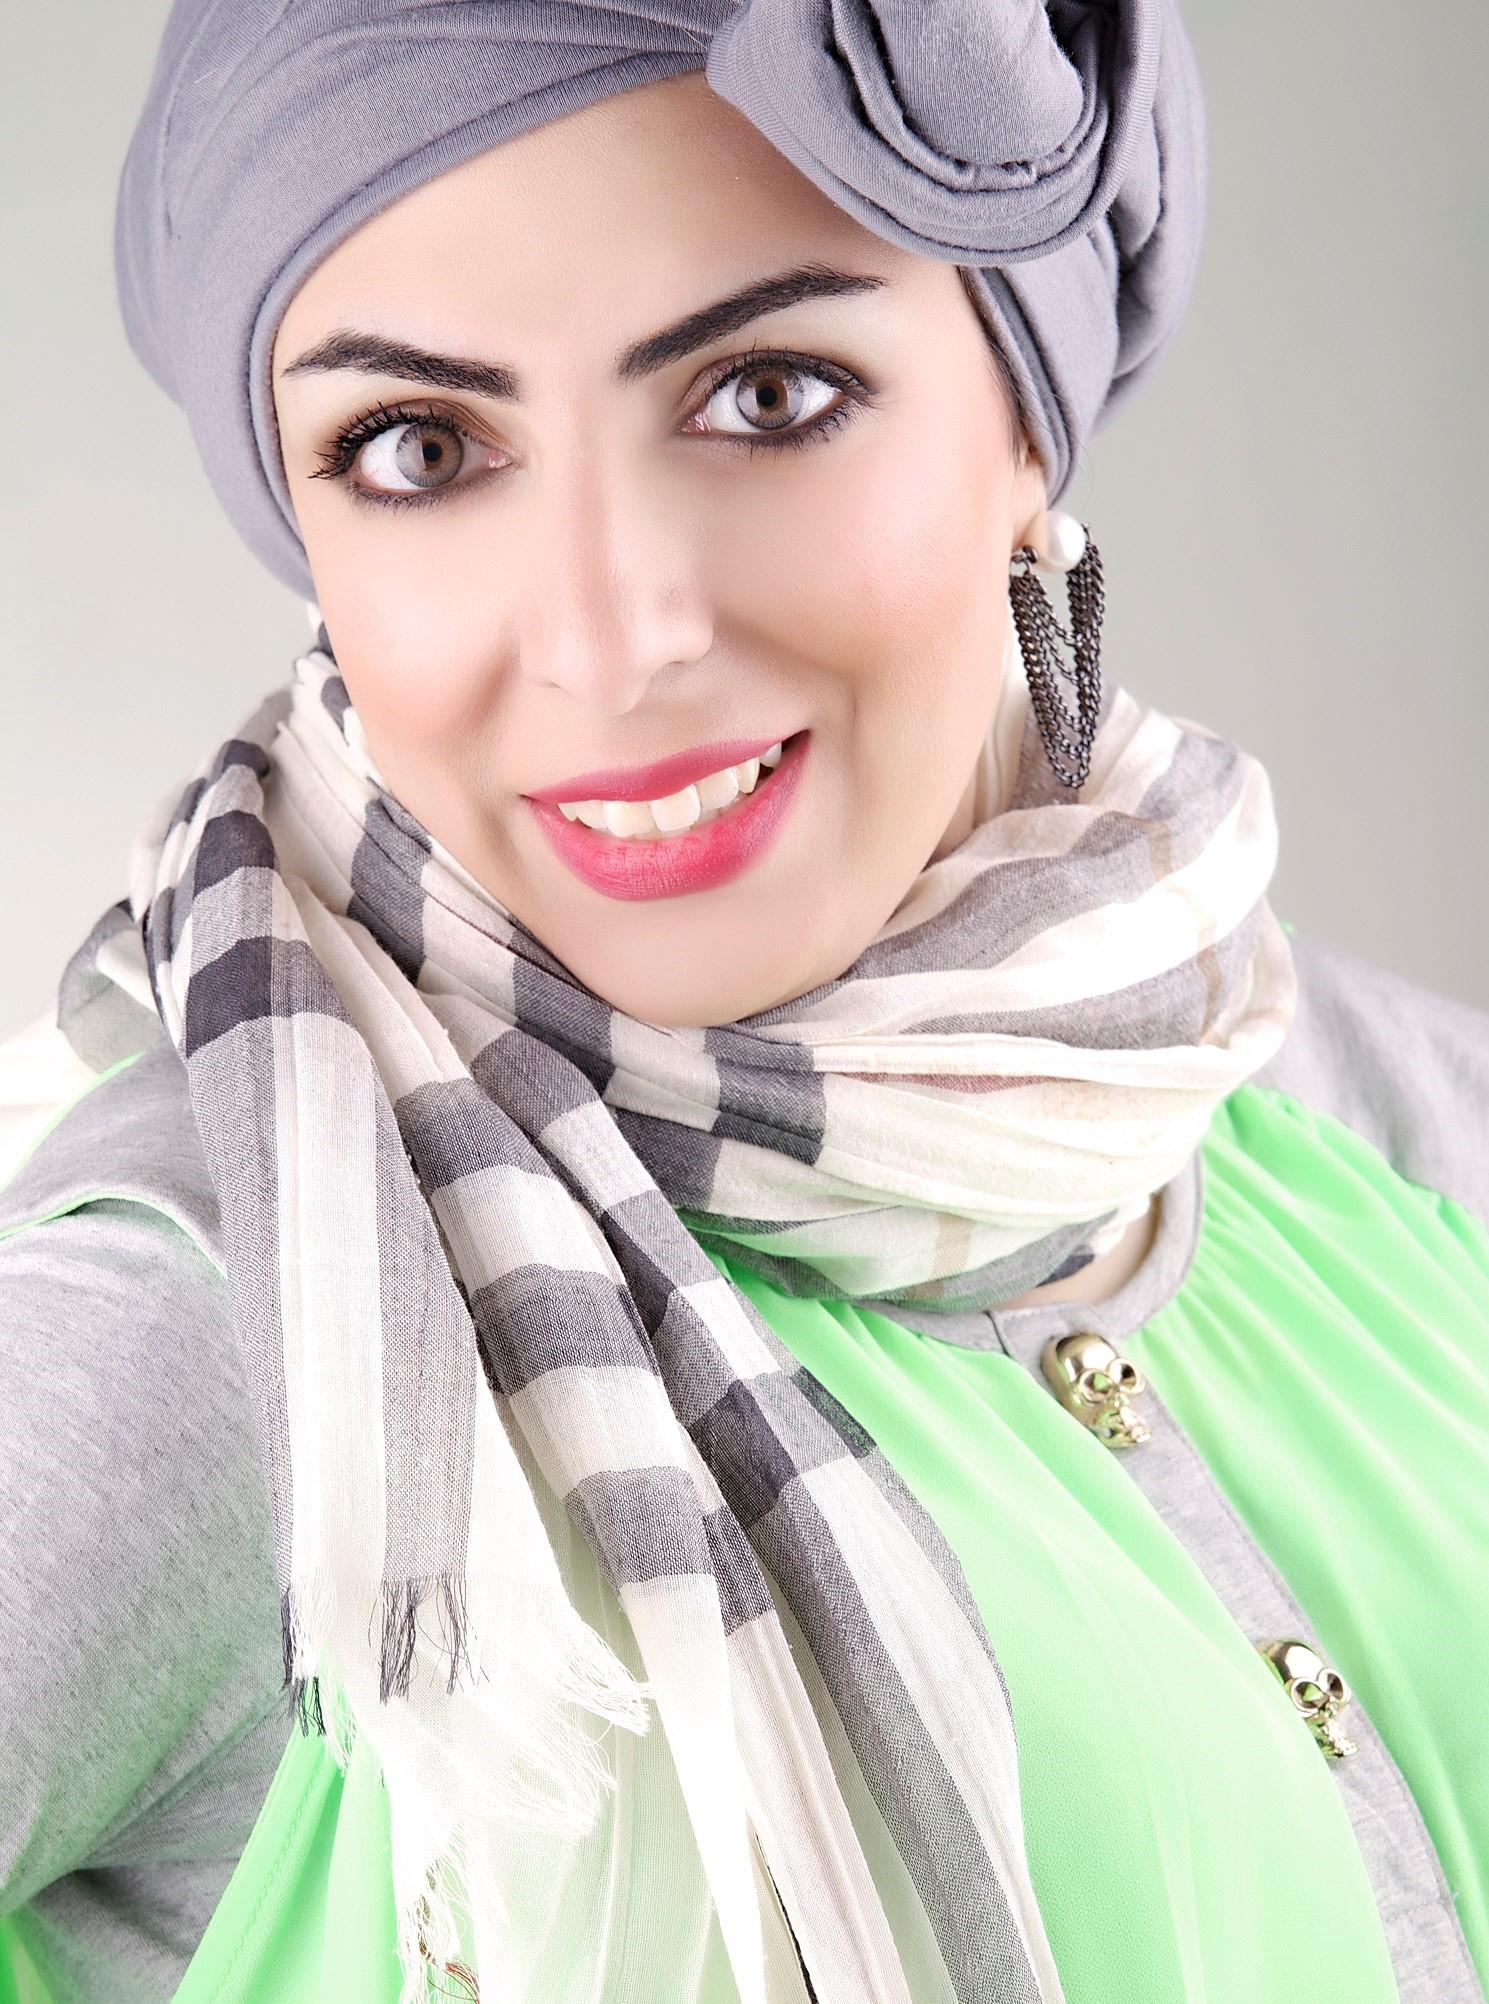 هبة إسماعيل مندني